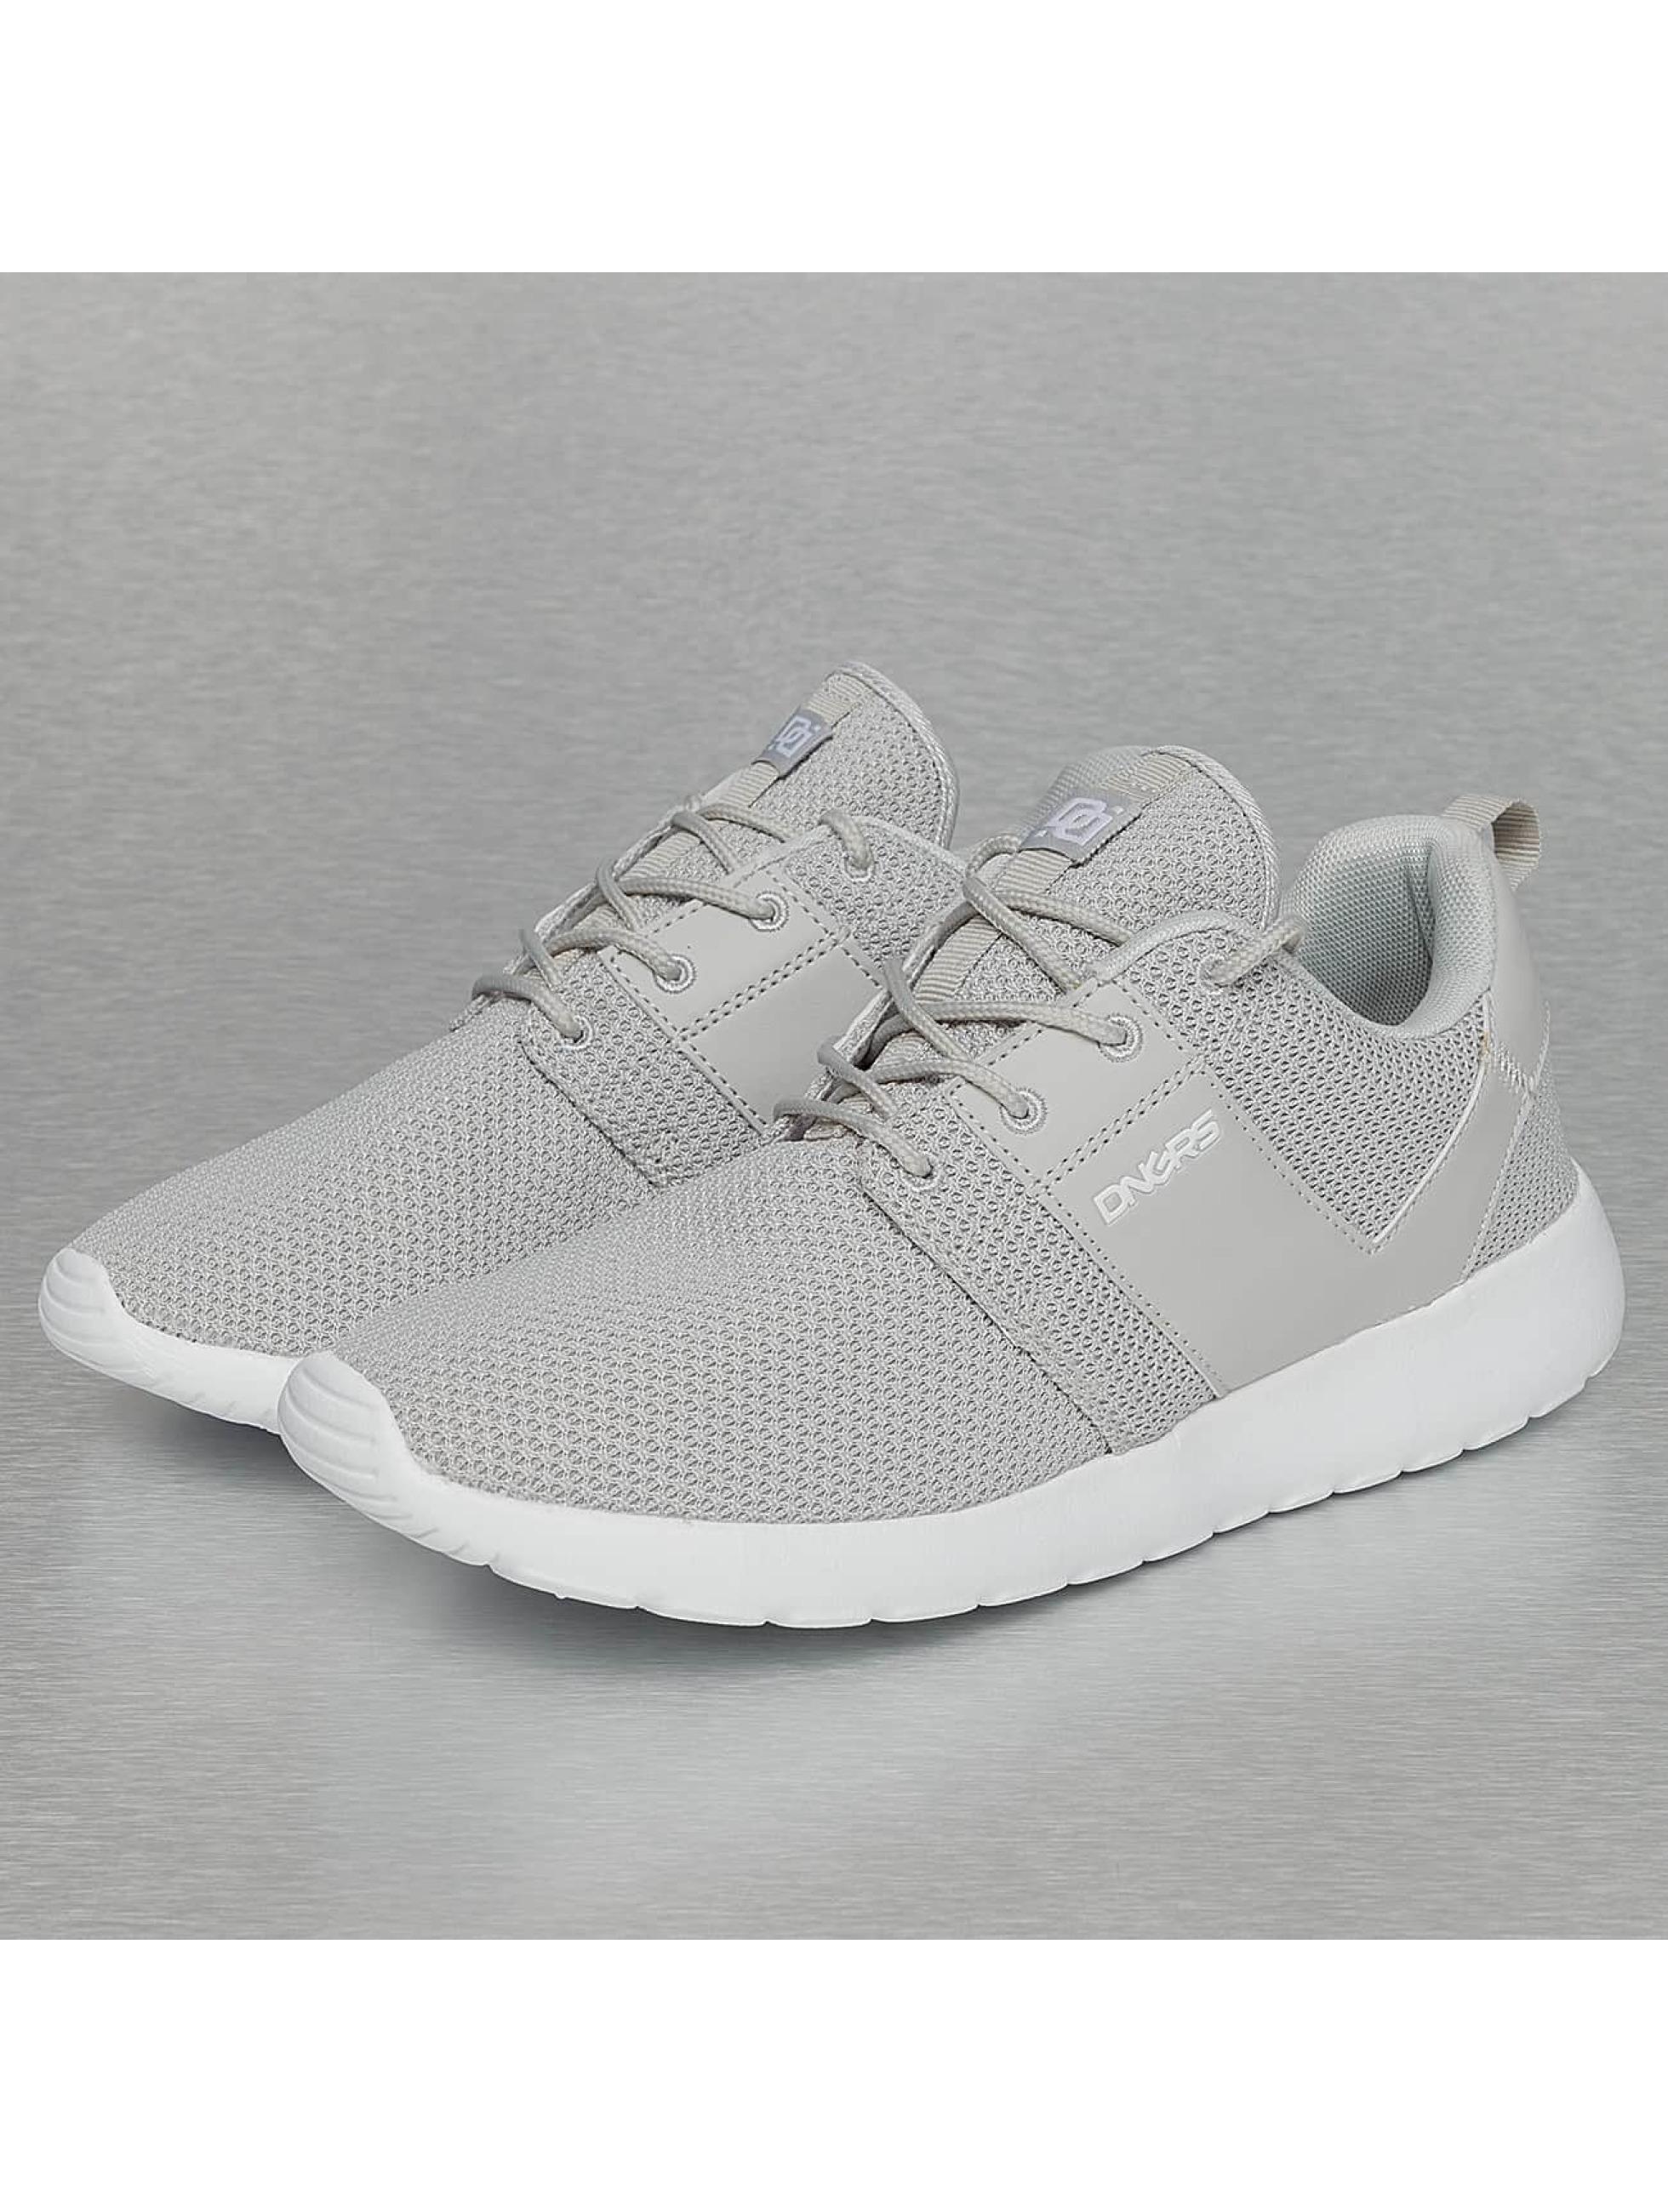 Dangerous DNGRS / Sneakers Mesh in grey 40